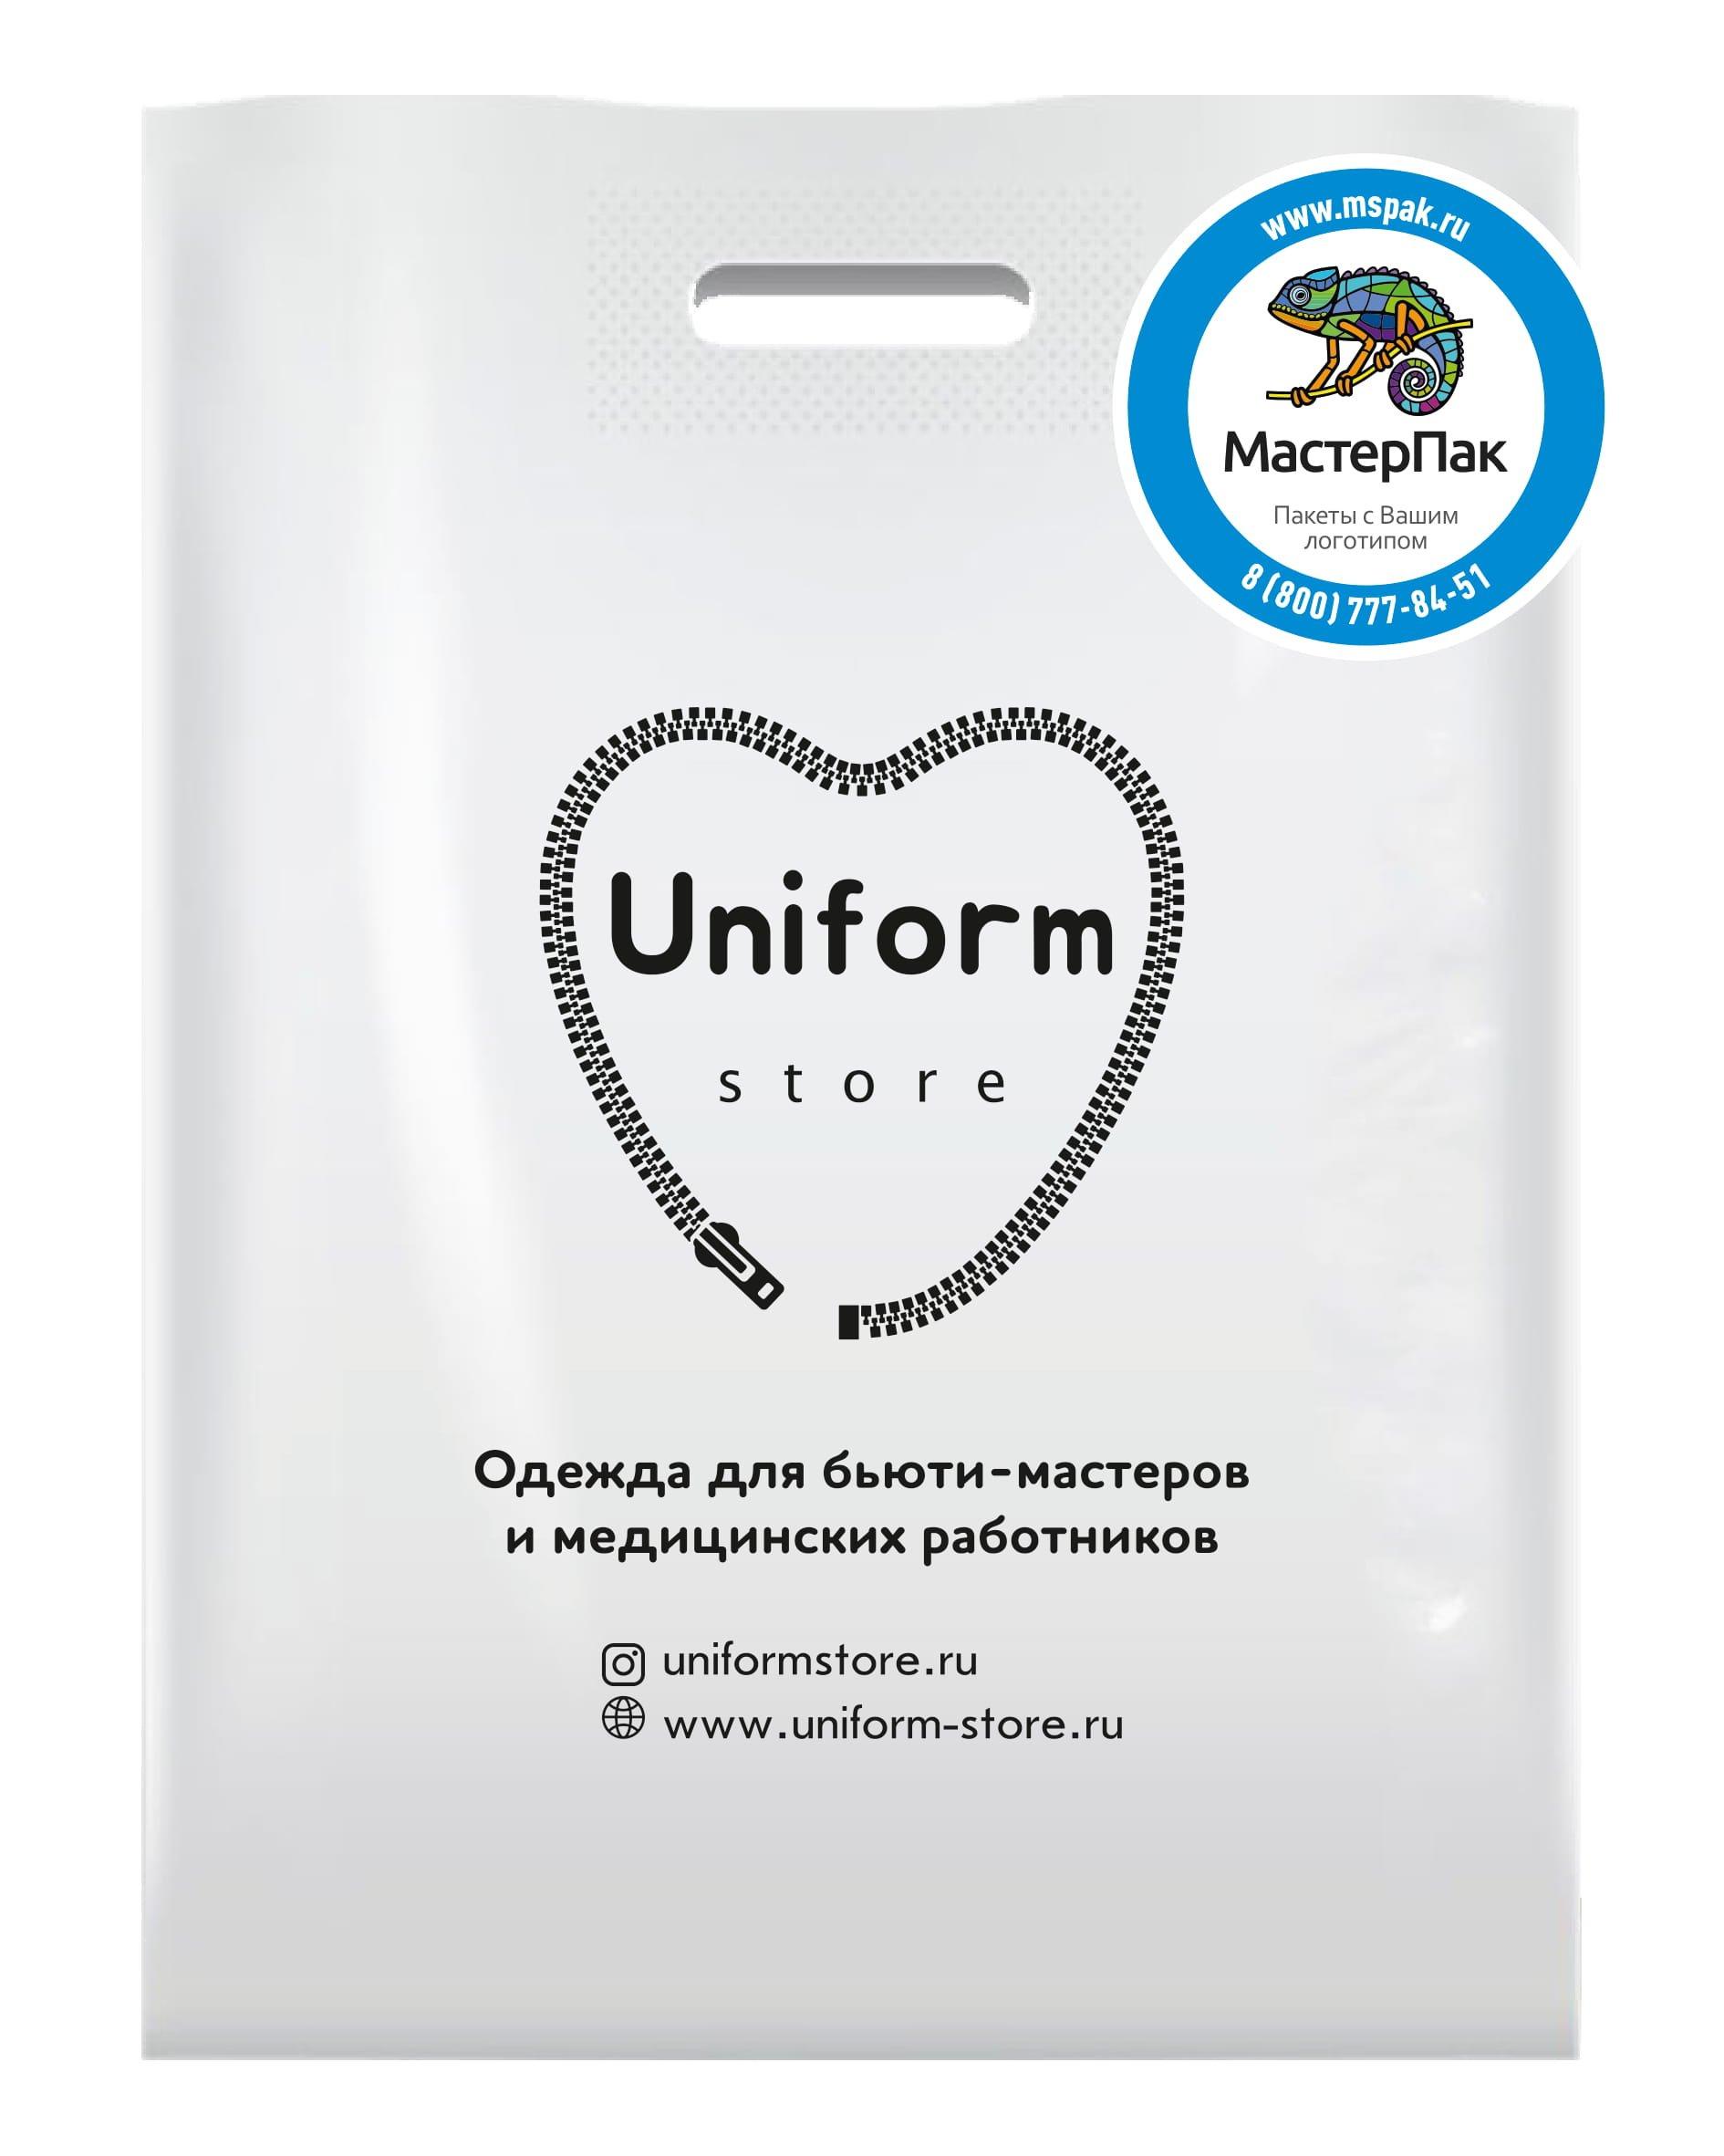 Пакет ПВД с логотипом Uniform Store, Оренбург, 70 мкм, 38*50, белый